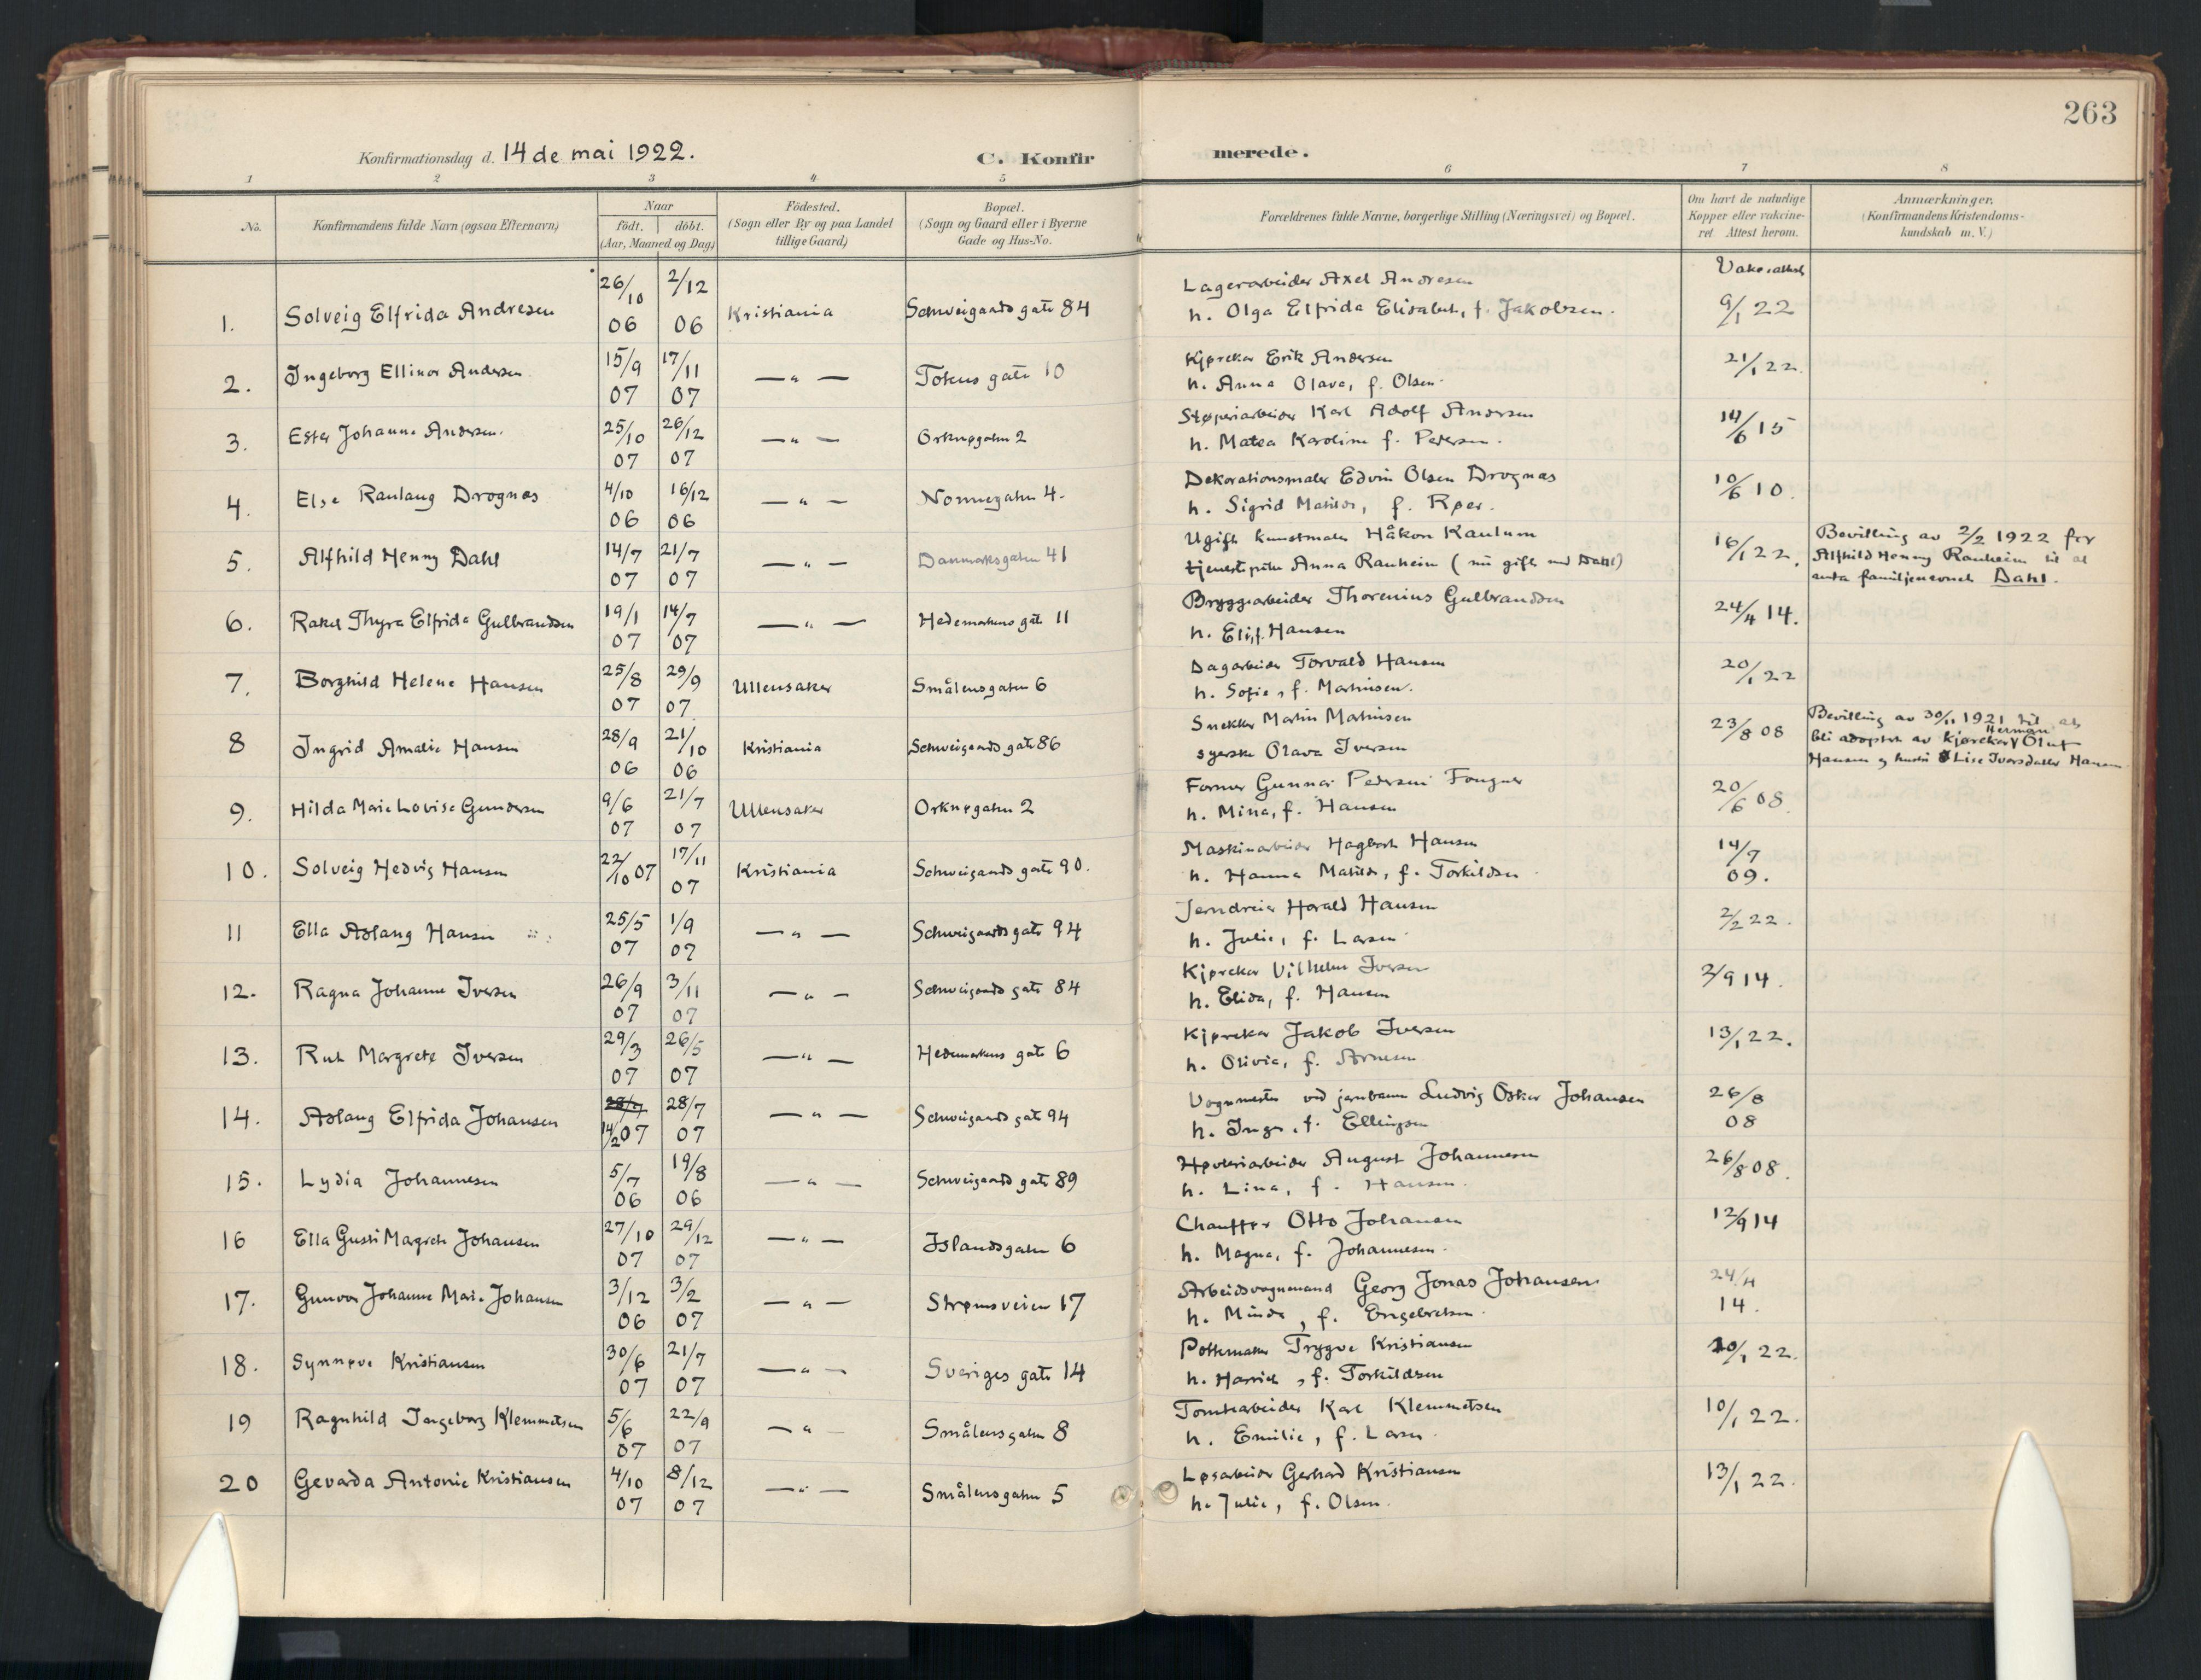 SAO, Vålerengen prestekontor Kirkebøker, Ministerialbok nr. 3a, 1900-1925, s. 263